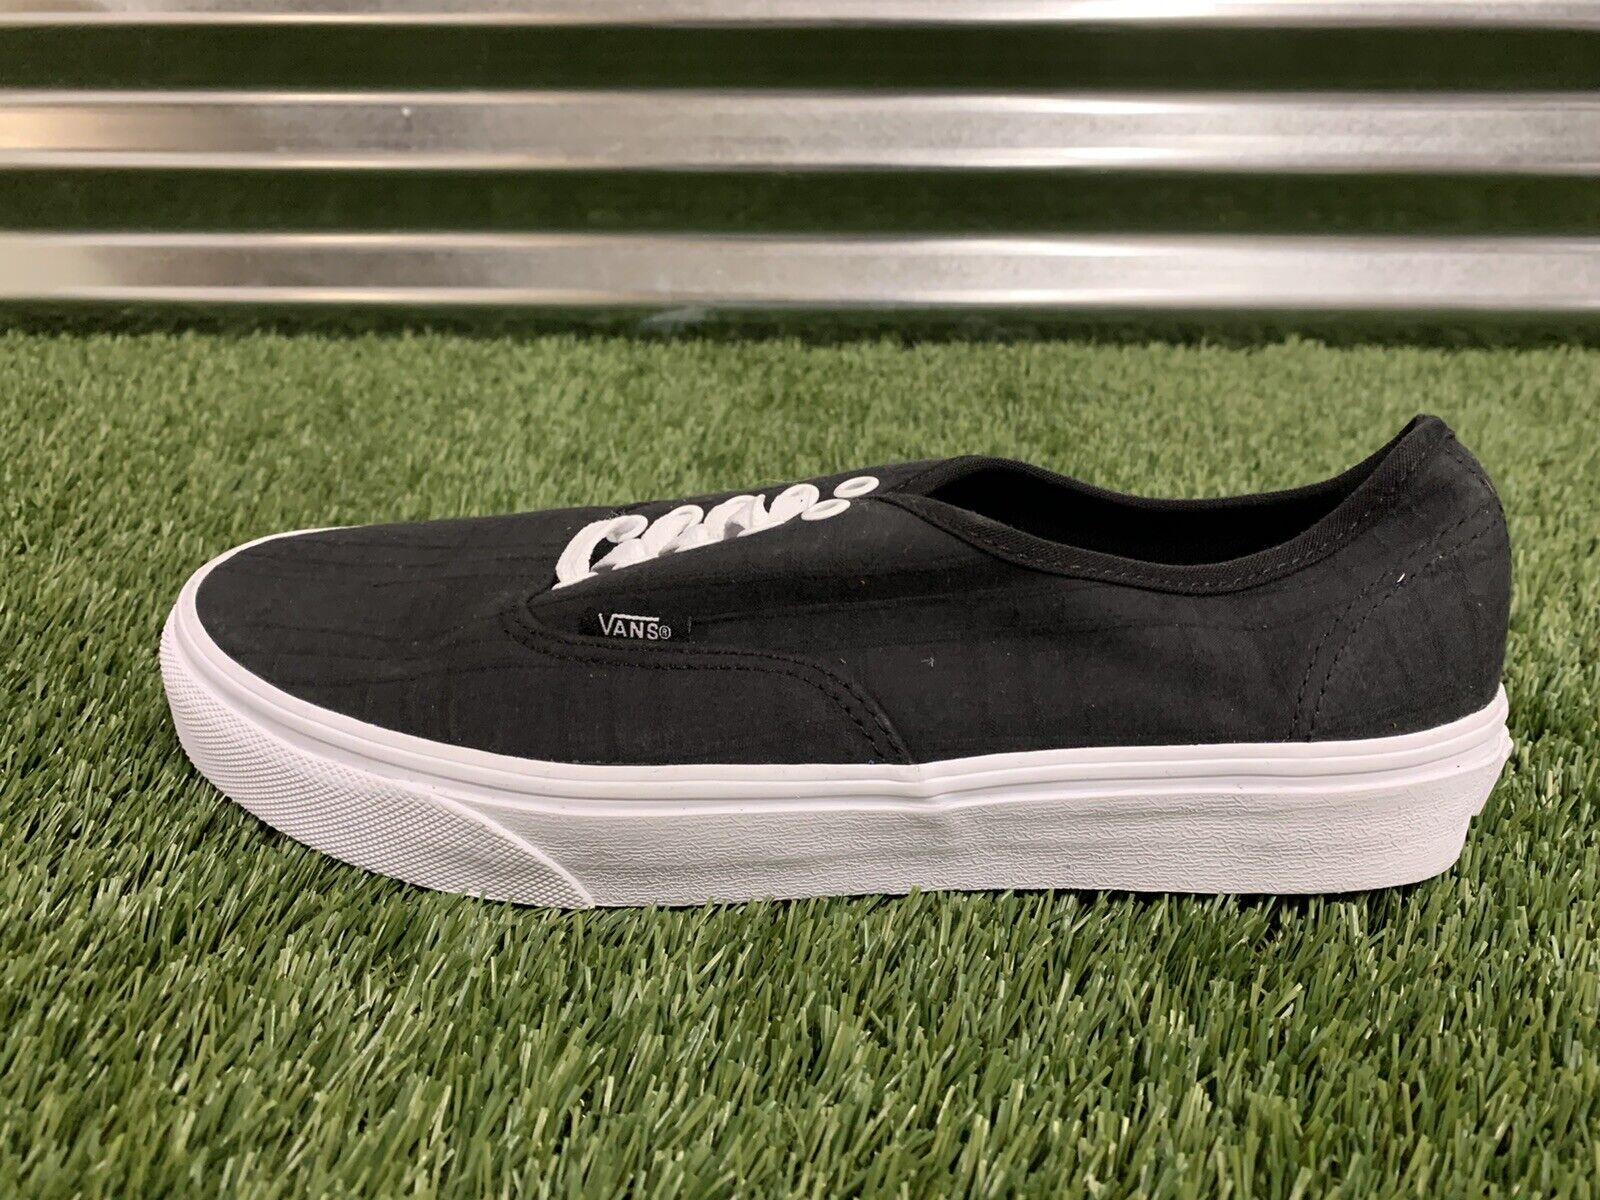 Vans Authentic Tonal Plaid Skate Shoes